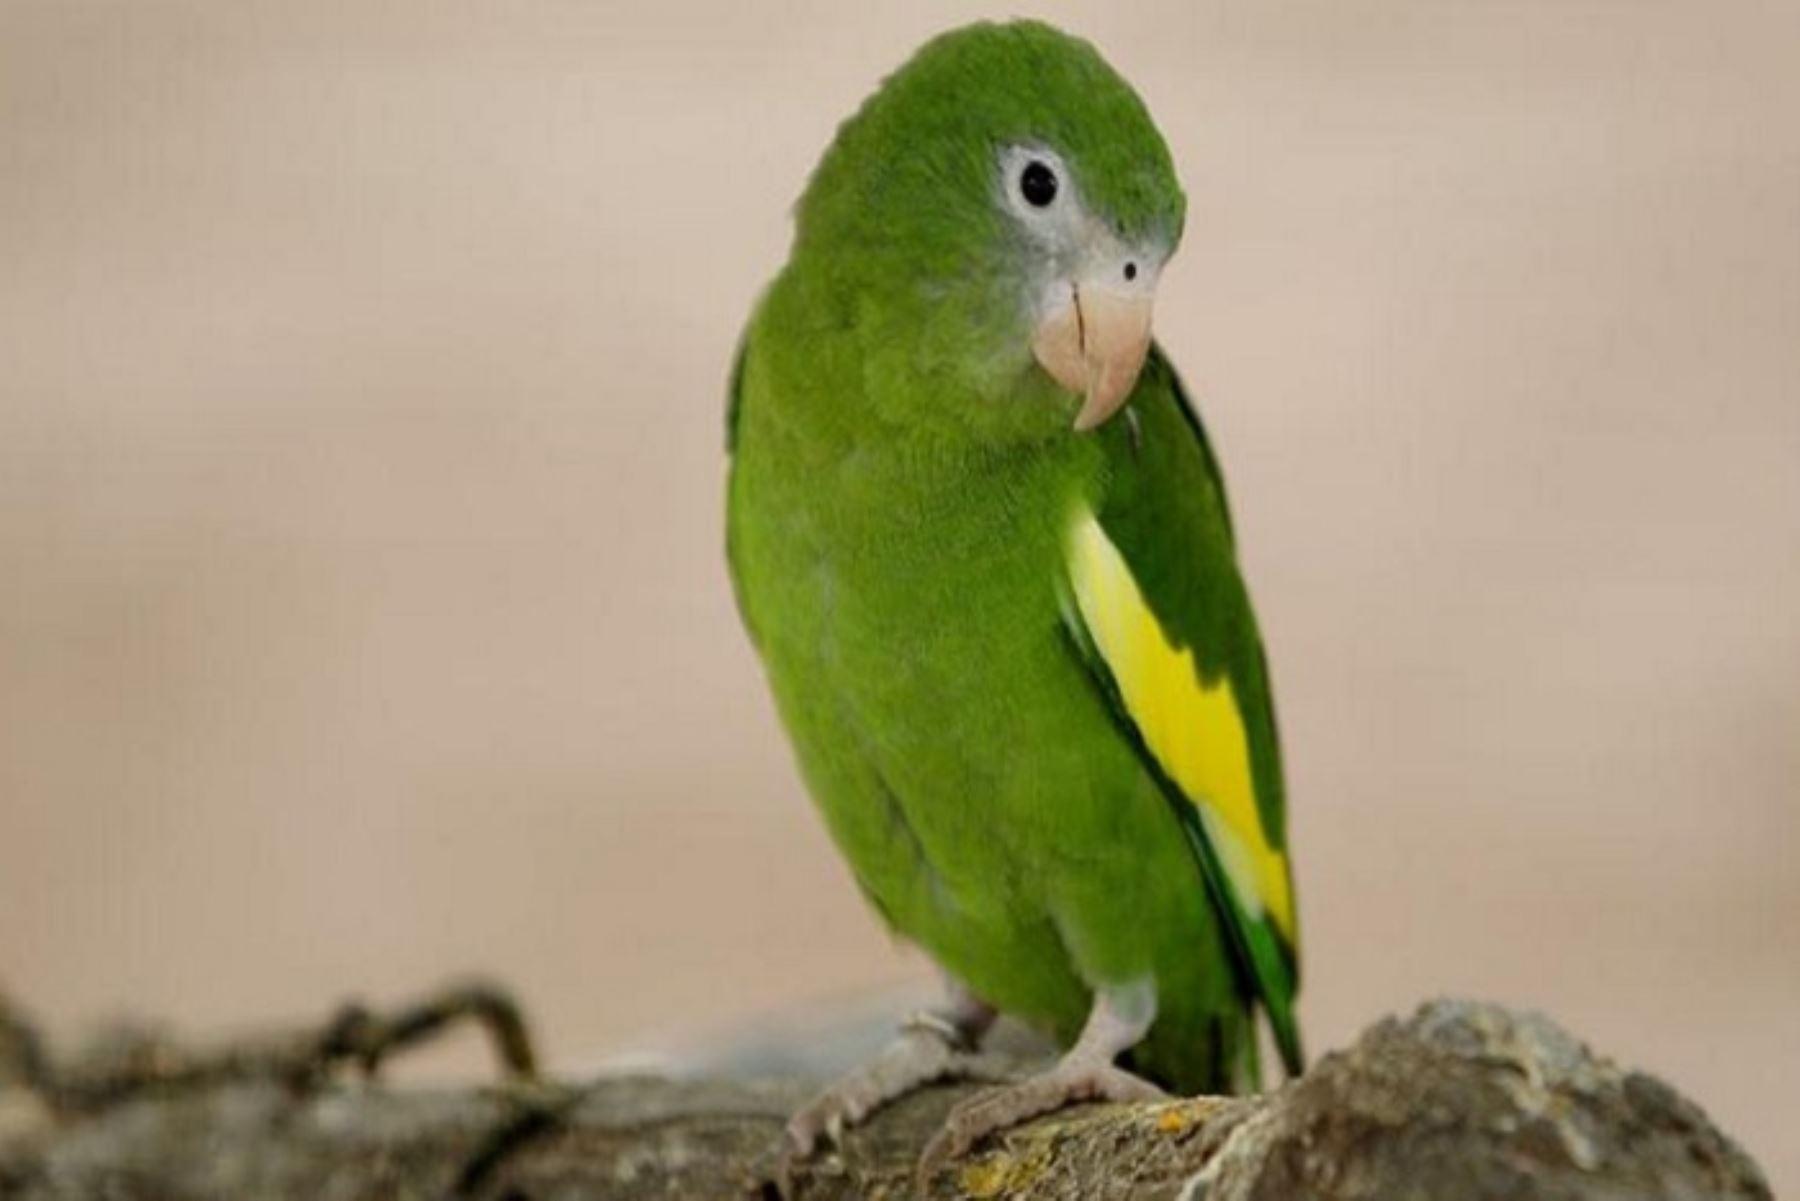 Más de 10,000 animales silvestres incautaron mayormente en 6 regiones